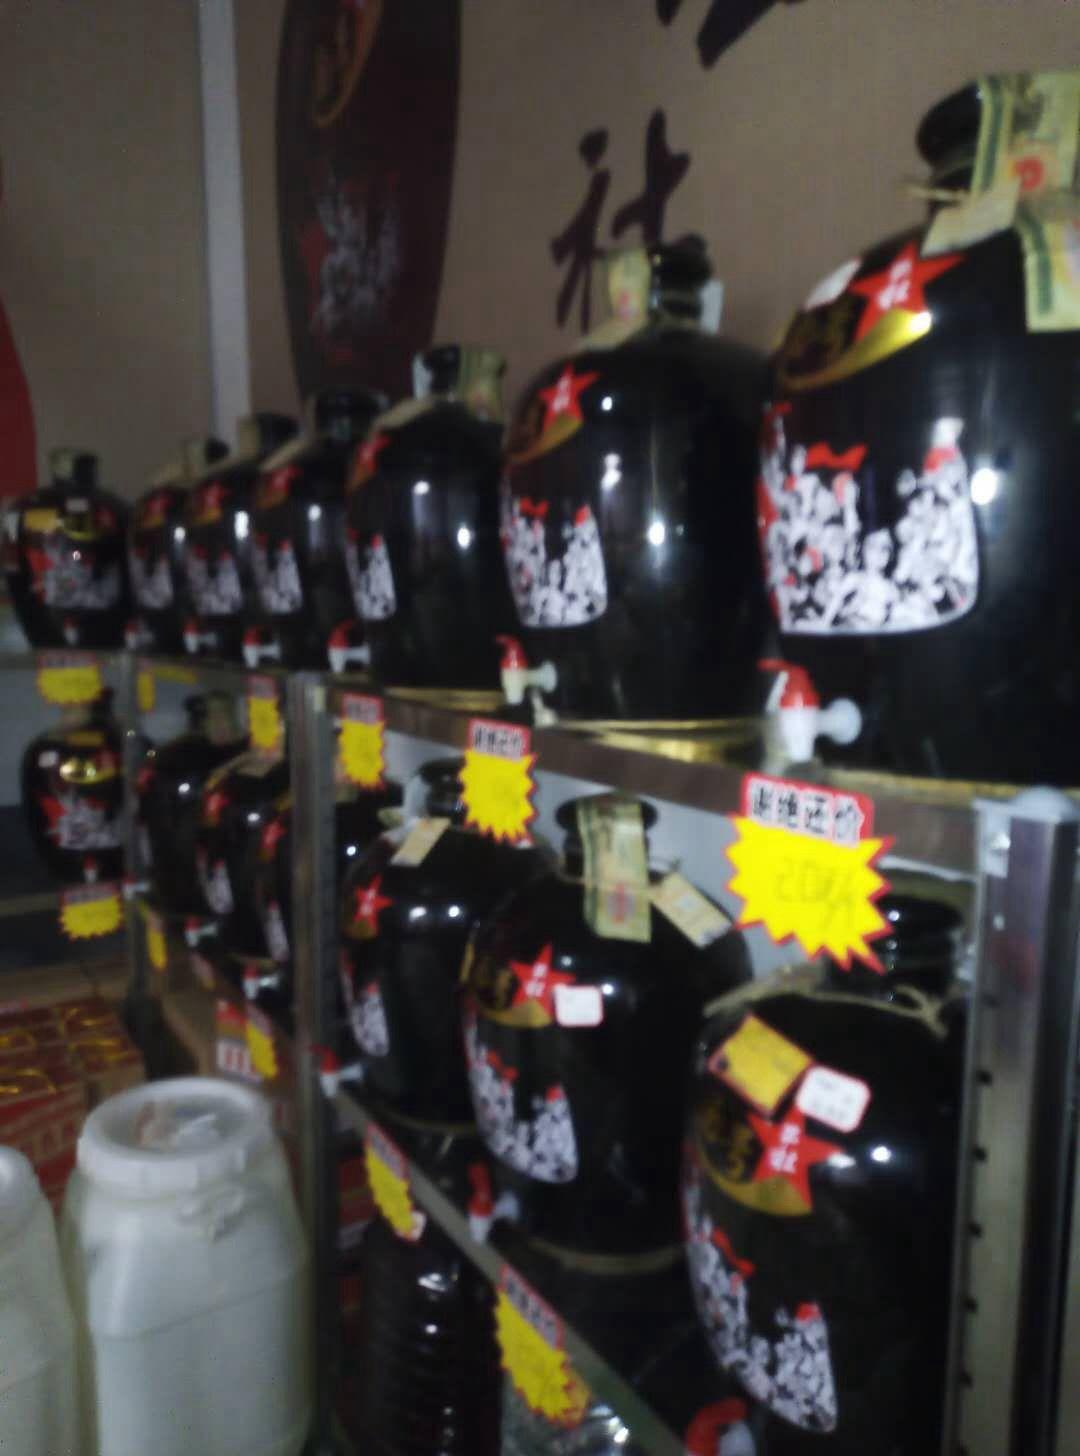 品质好的纯粮散白酒哪里有卖_江苏女儿红散酒怎么加盟